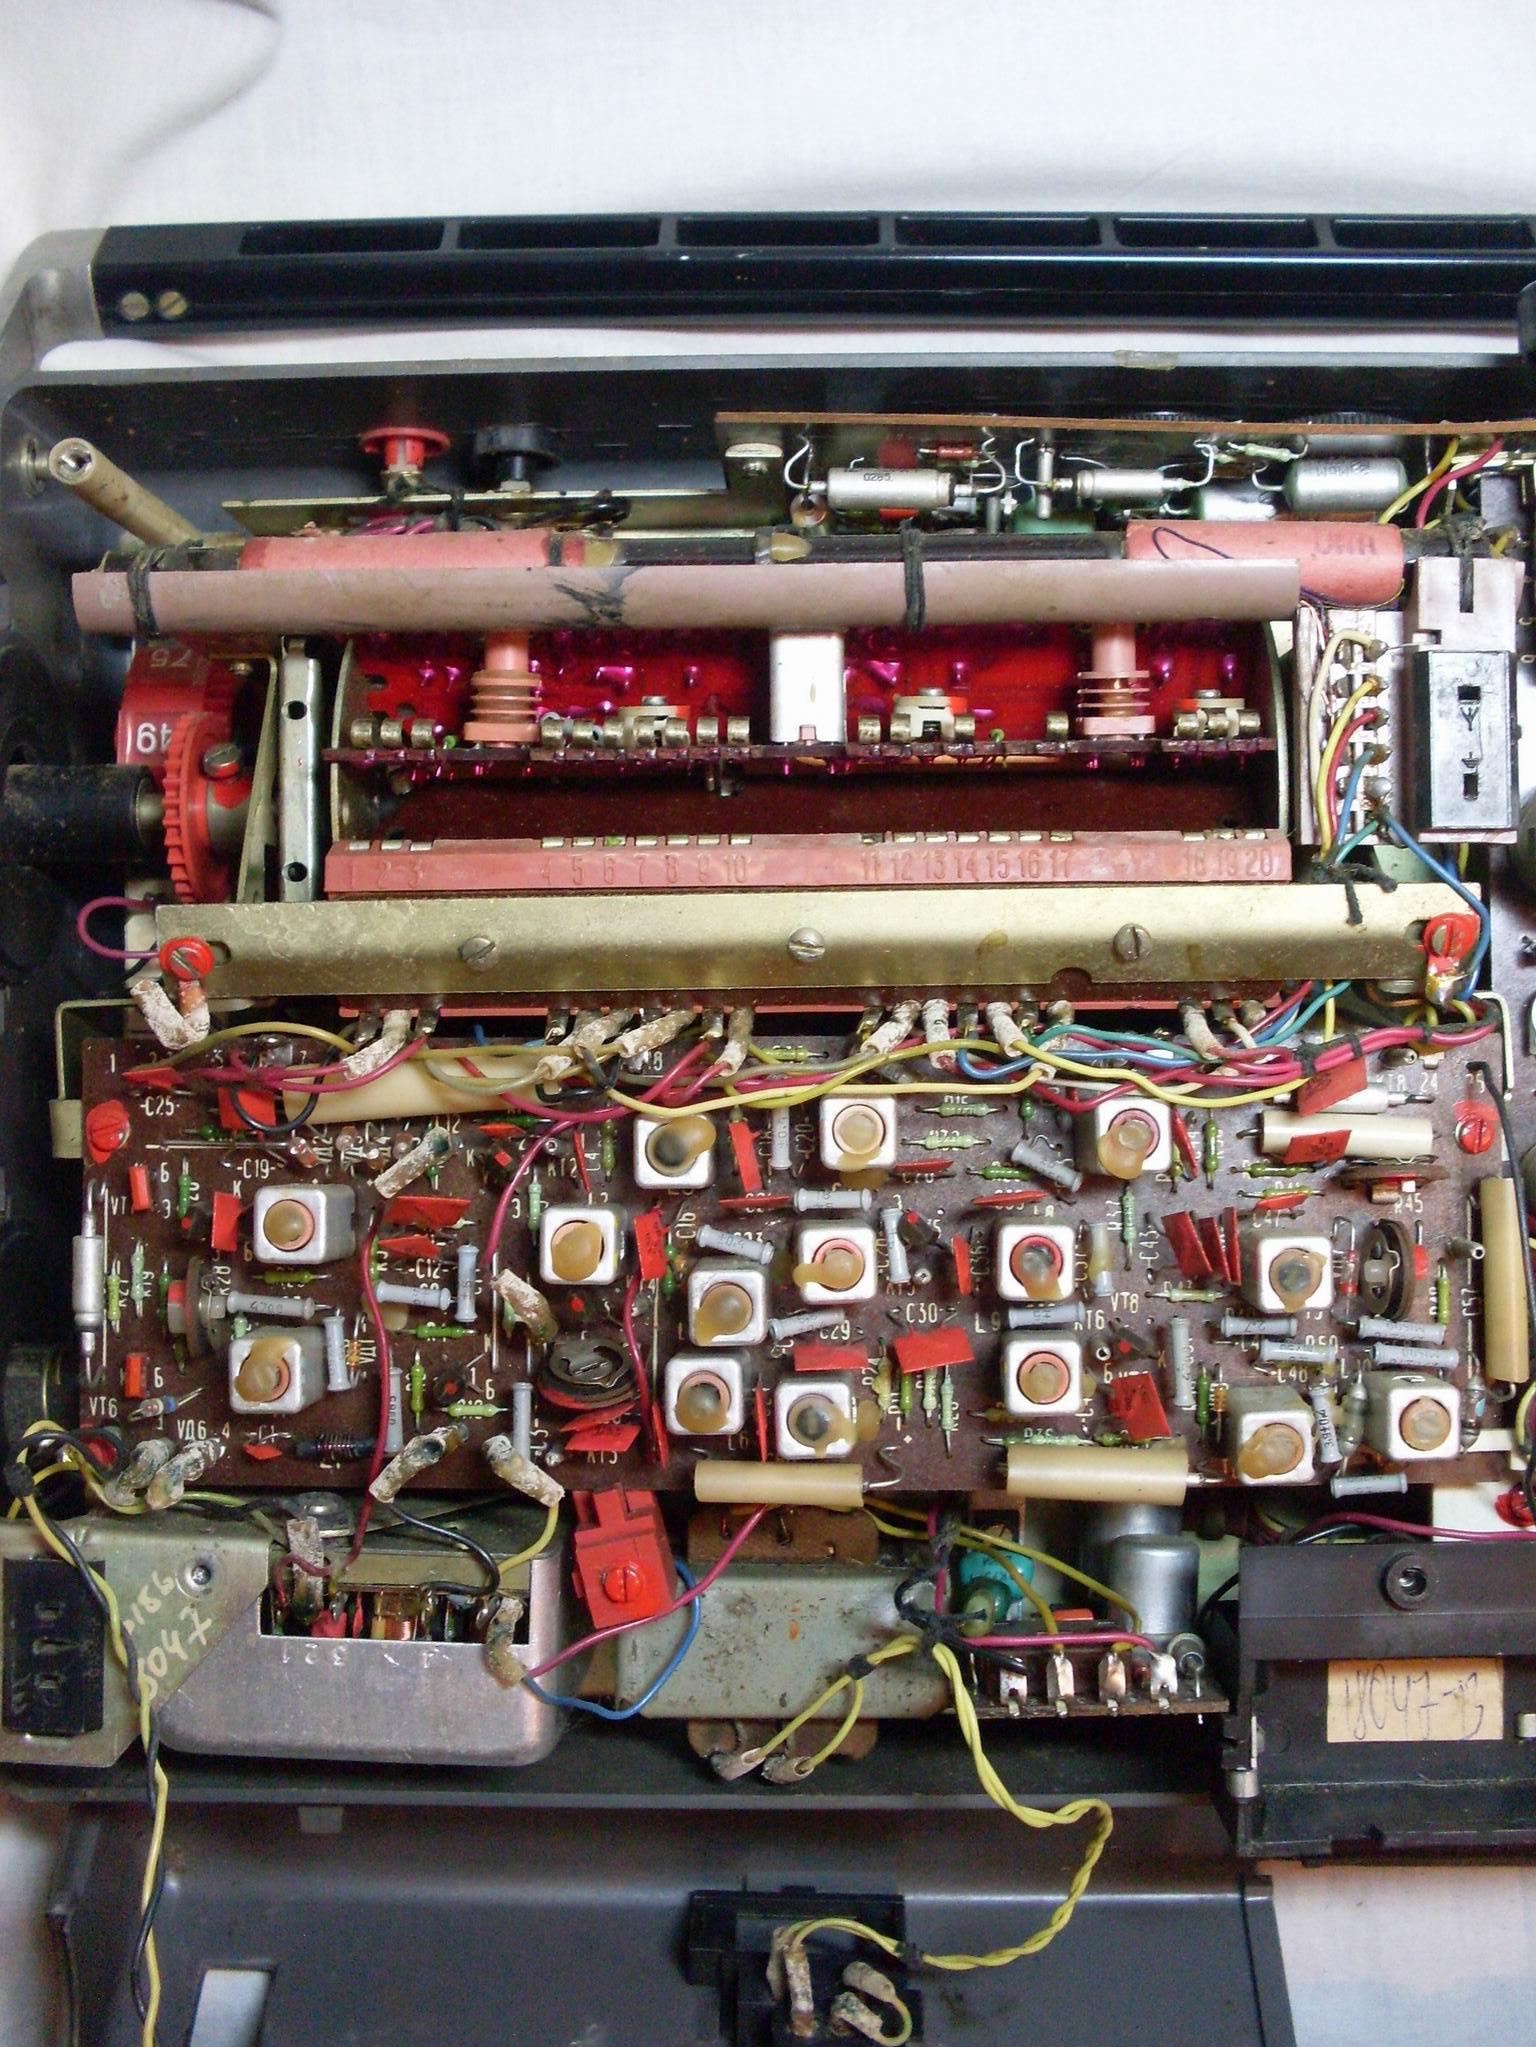 крупным планом плата радиоприемника и трансформатор питания